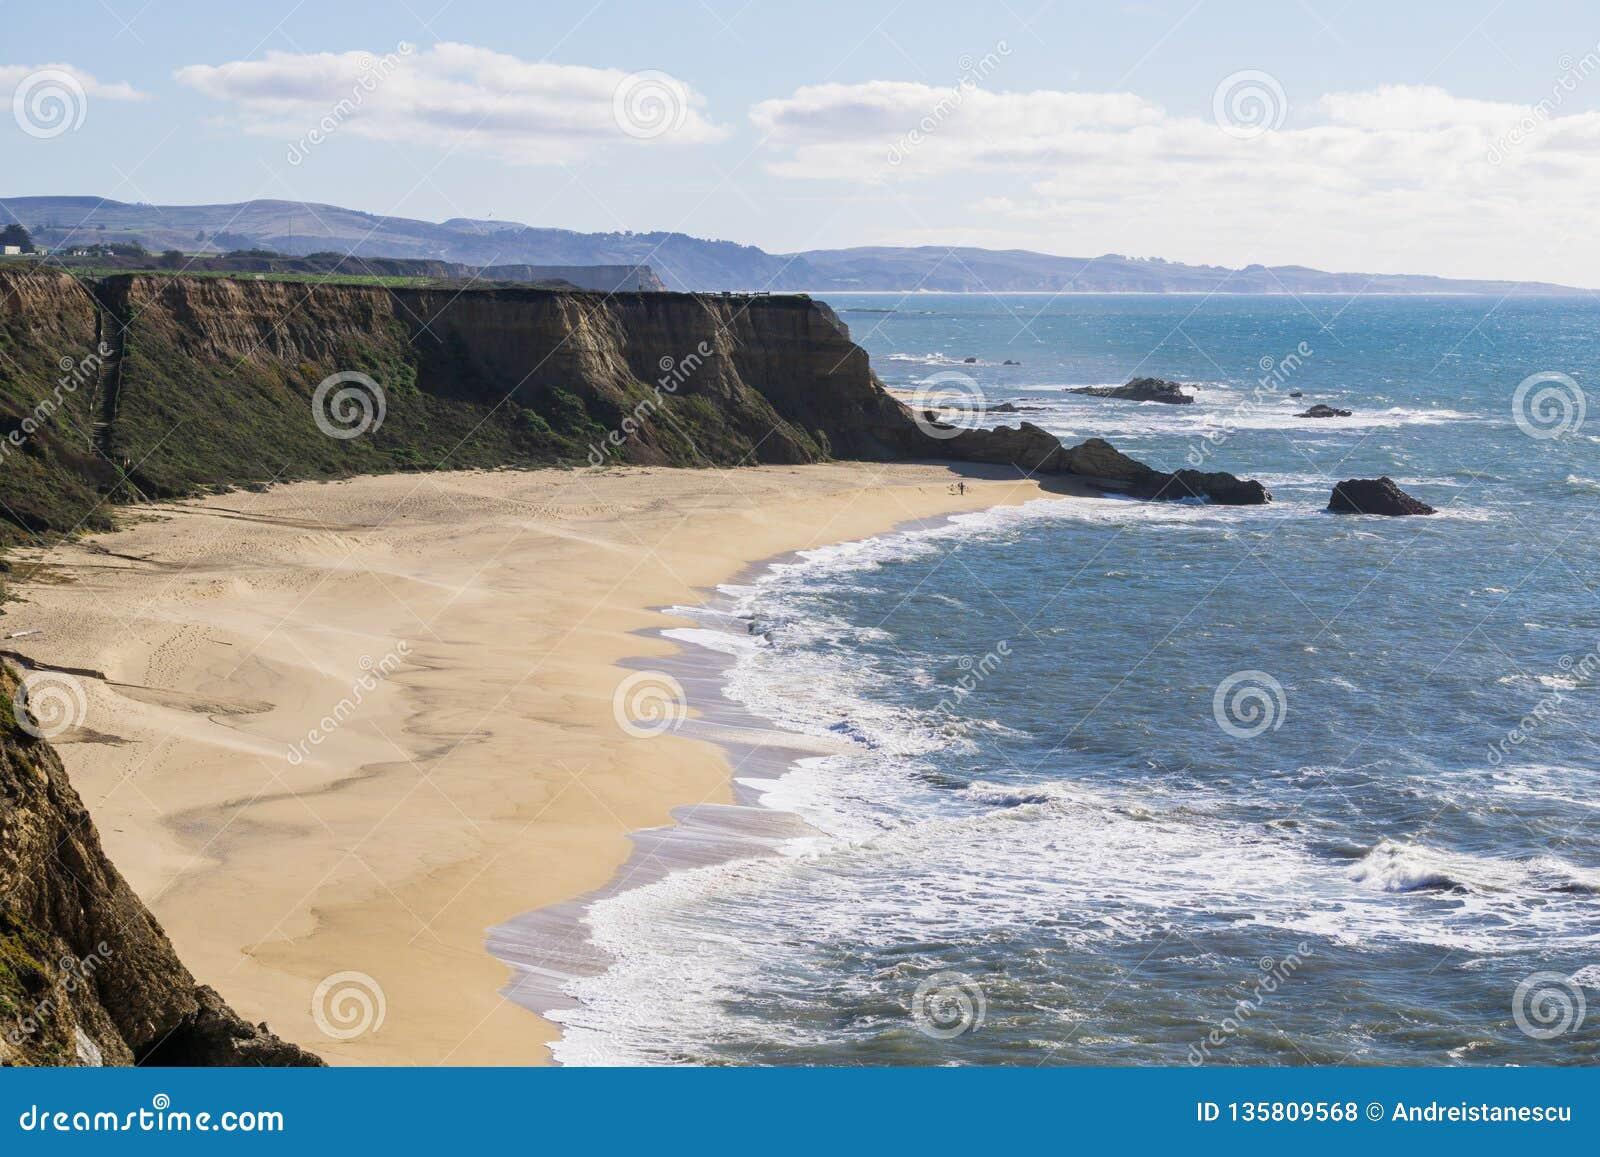 Klippor och den stora halvmånen formade stranden, Stilla havetkusten, Half Moon Bayen, Kalifornien